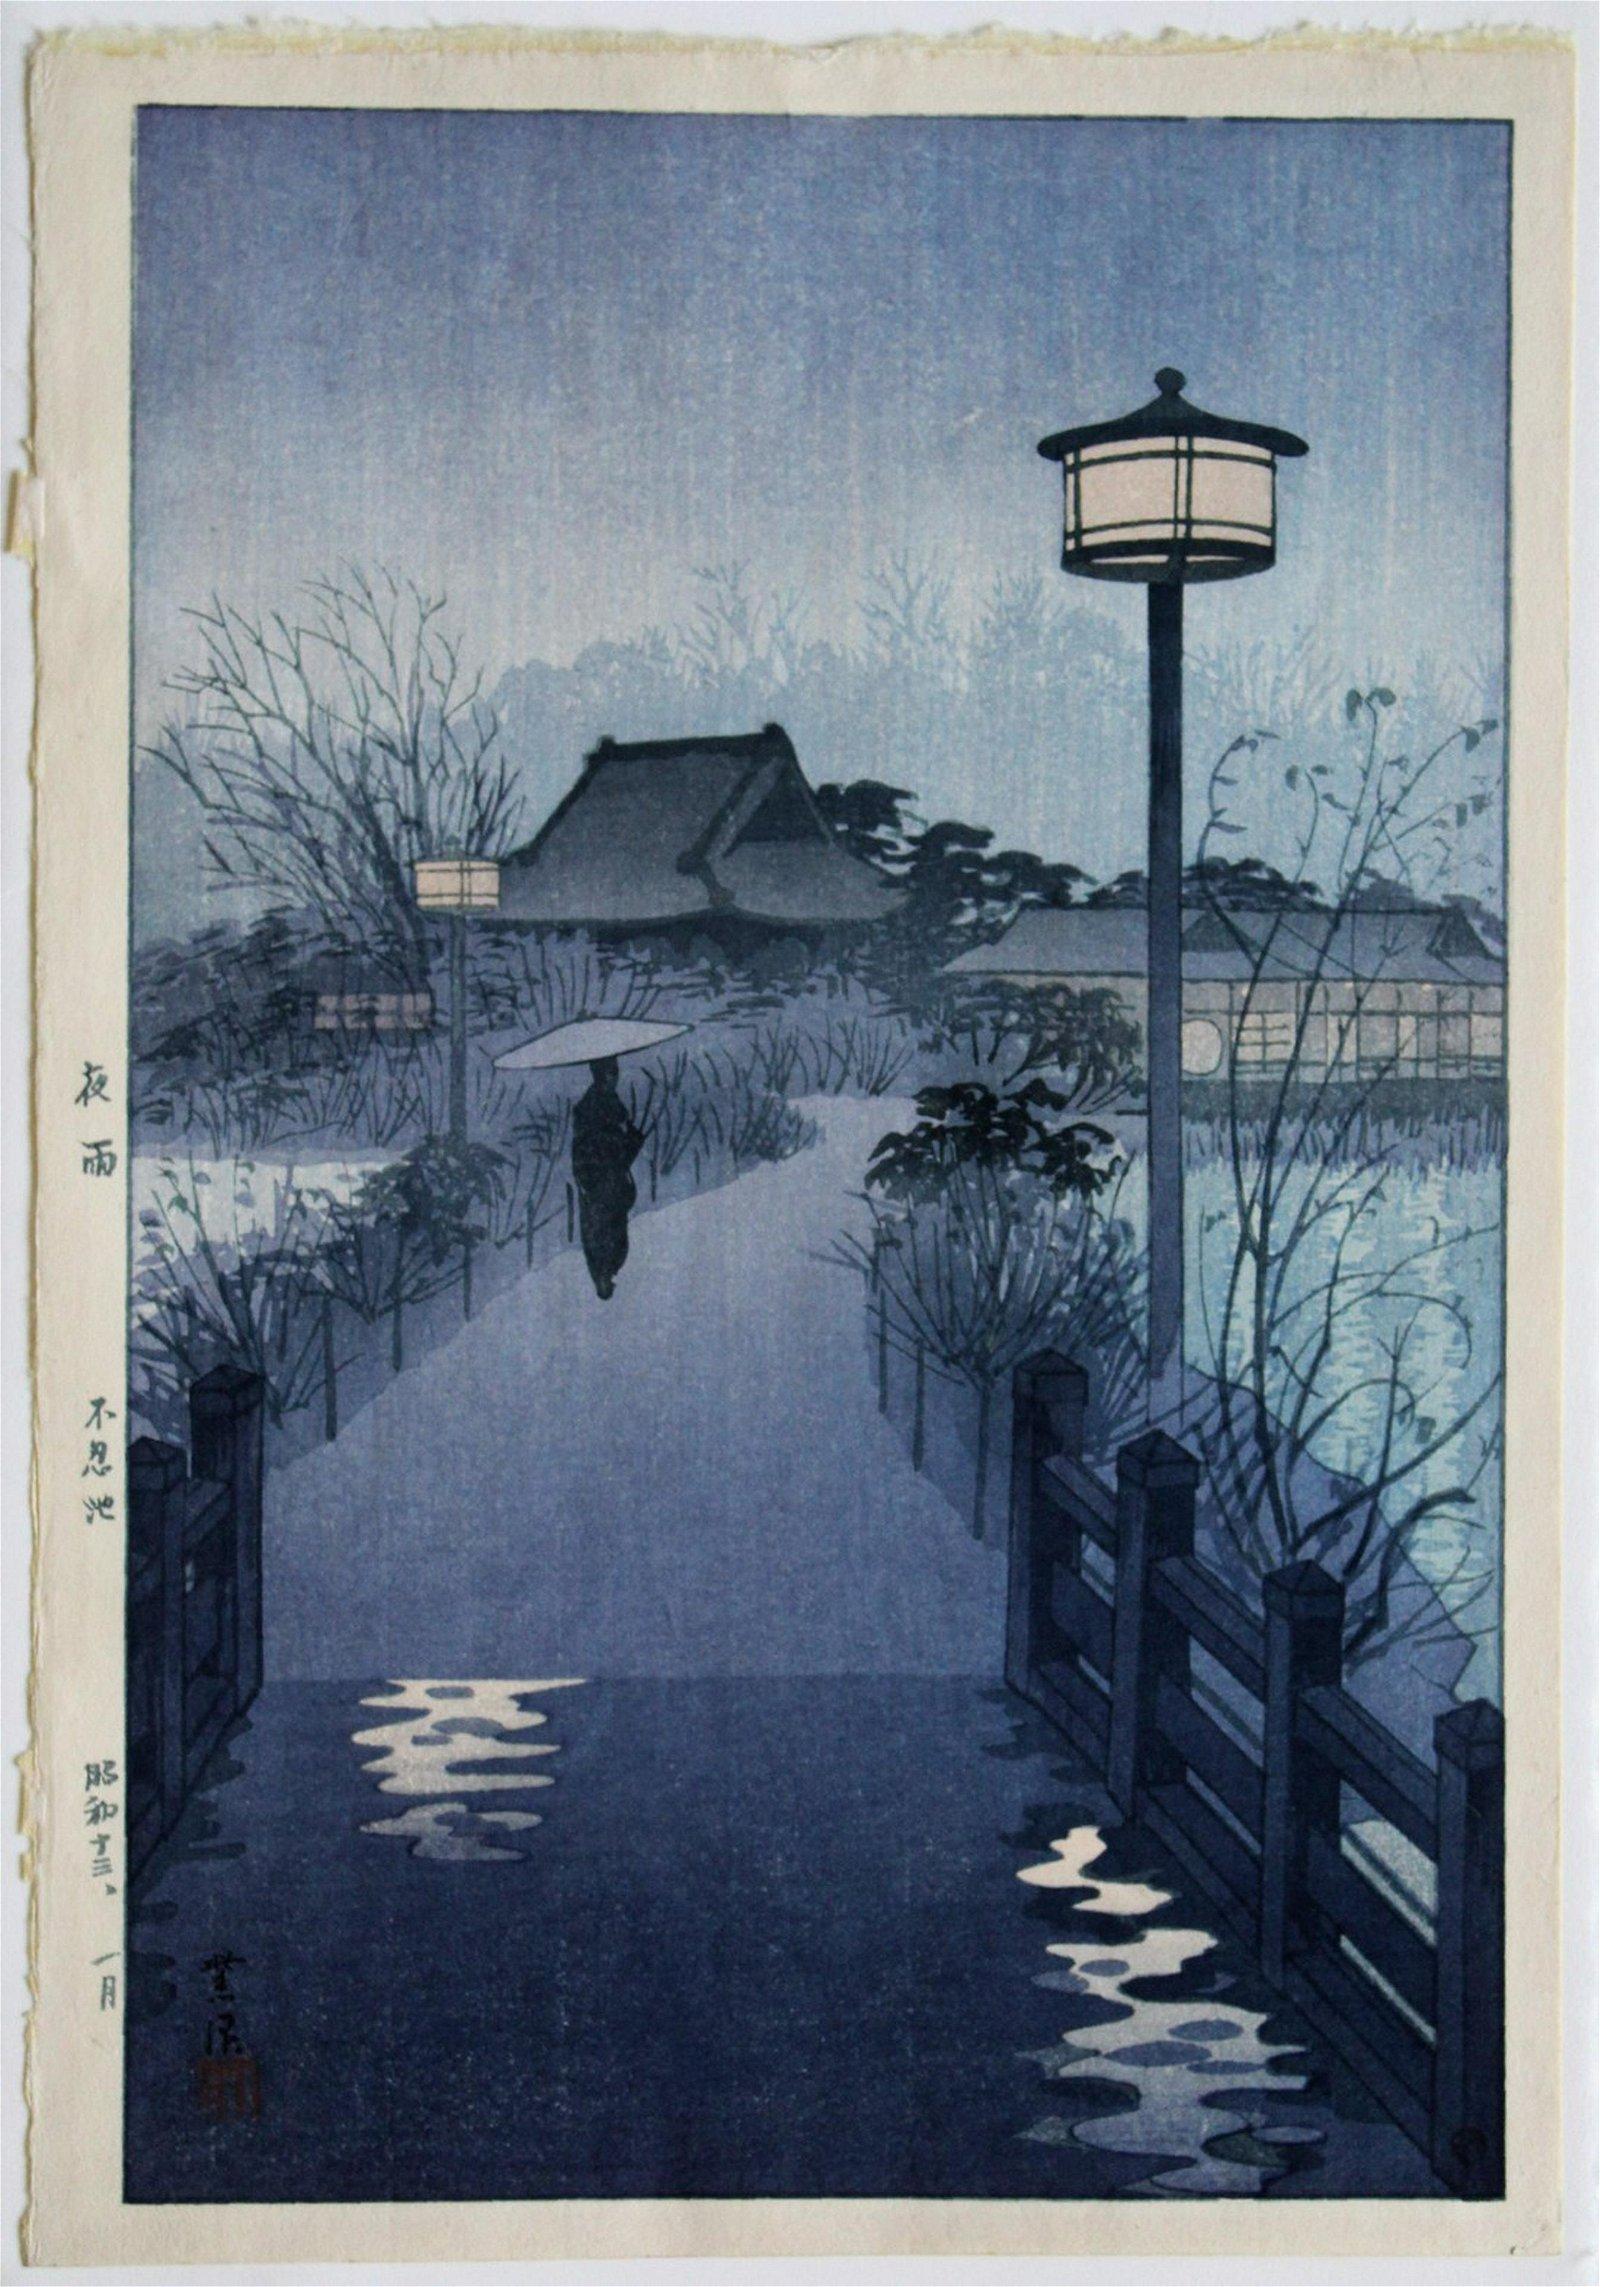 Evening Rain at Shinobazu Pond, Shiro Kasamatsu